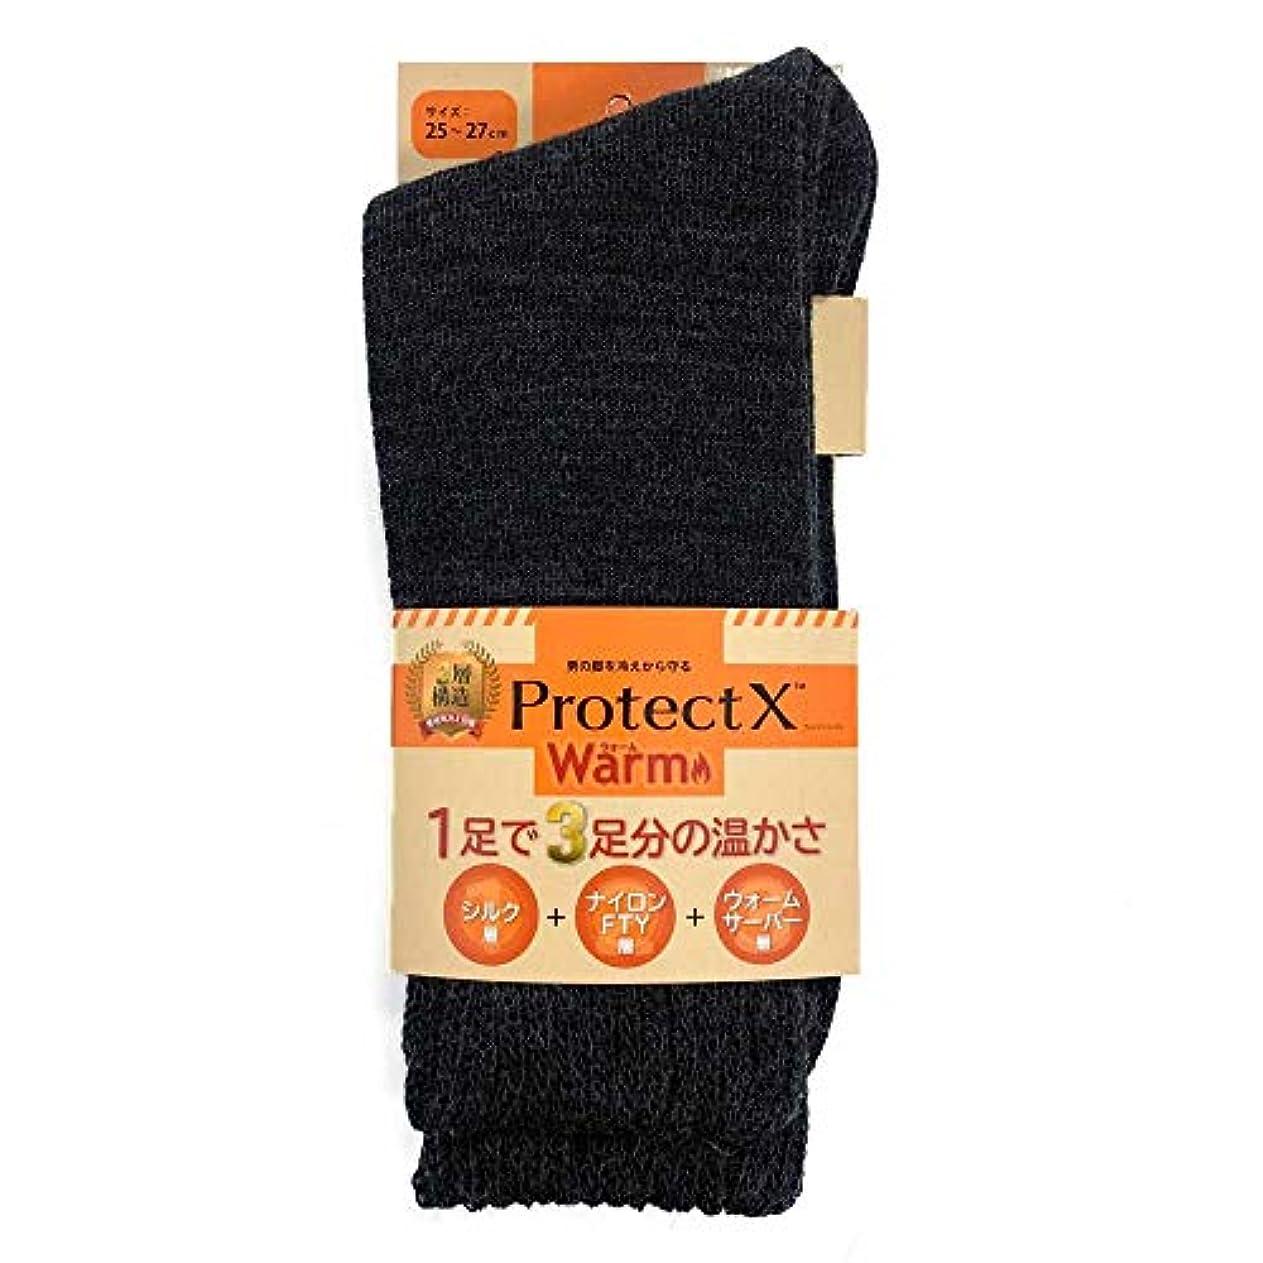 前任者責任者設置冷え性対策 履き口柔らか 男性用冷え対策 シルク100%(内側) 3層構造 防寒ソックス 25-27cm チャコールグレー